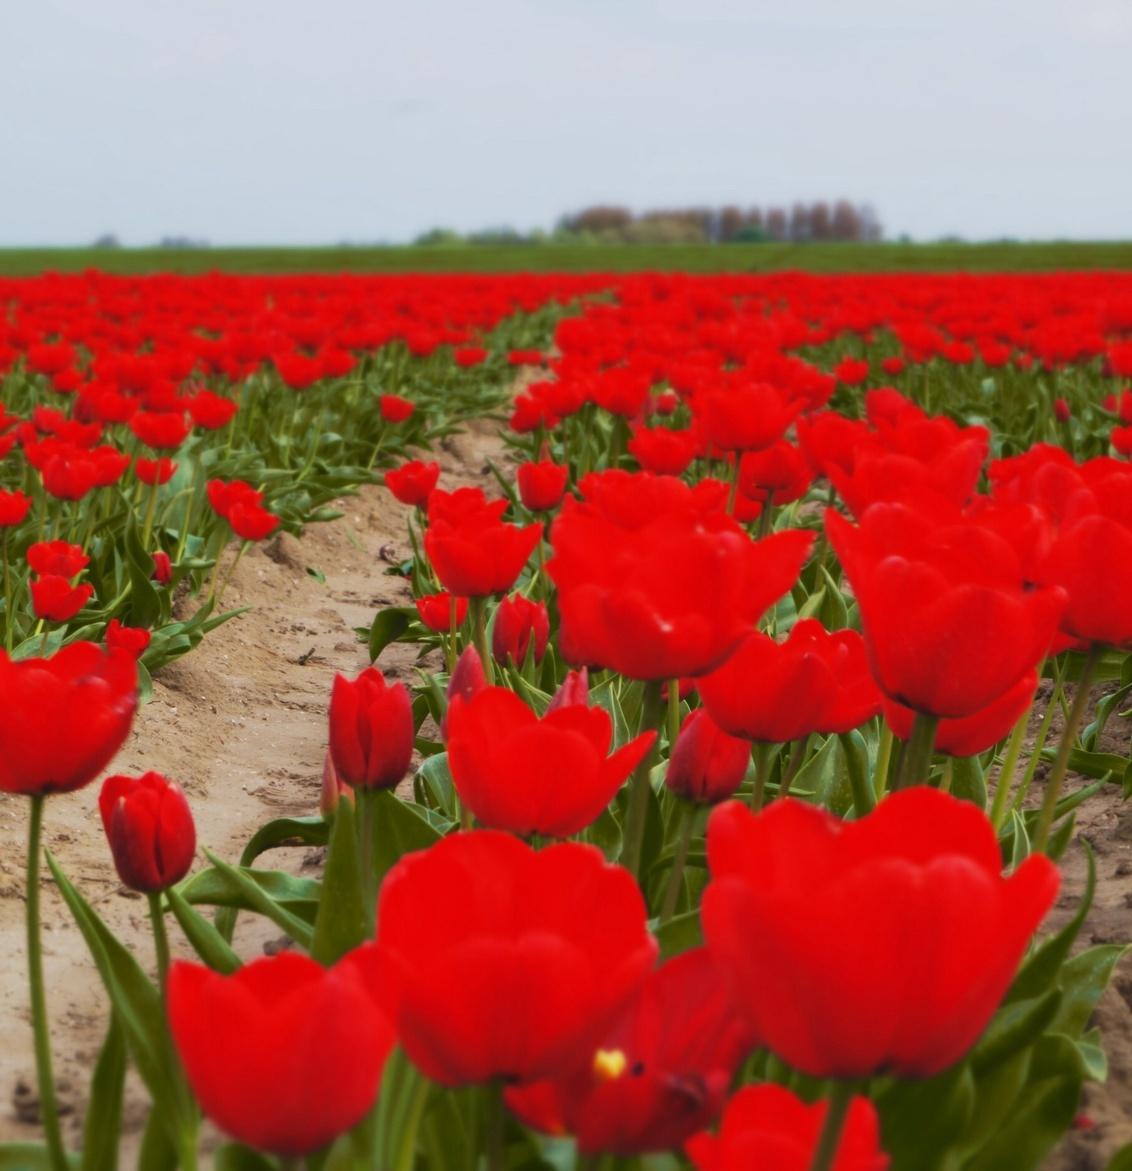 Rijp voor oogst - Onderweg naar m,n eiland, en dan zie je bijna uitgebloeide tulpen, - foto door Sonyjoenka op 13-04-2014 - deze foto bevat: natuur